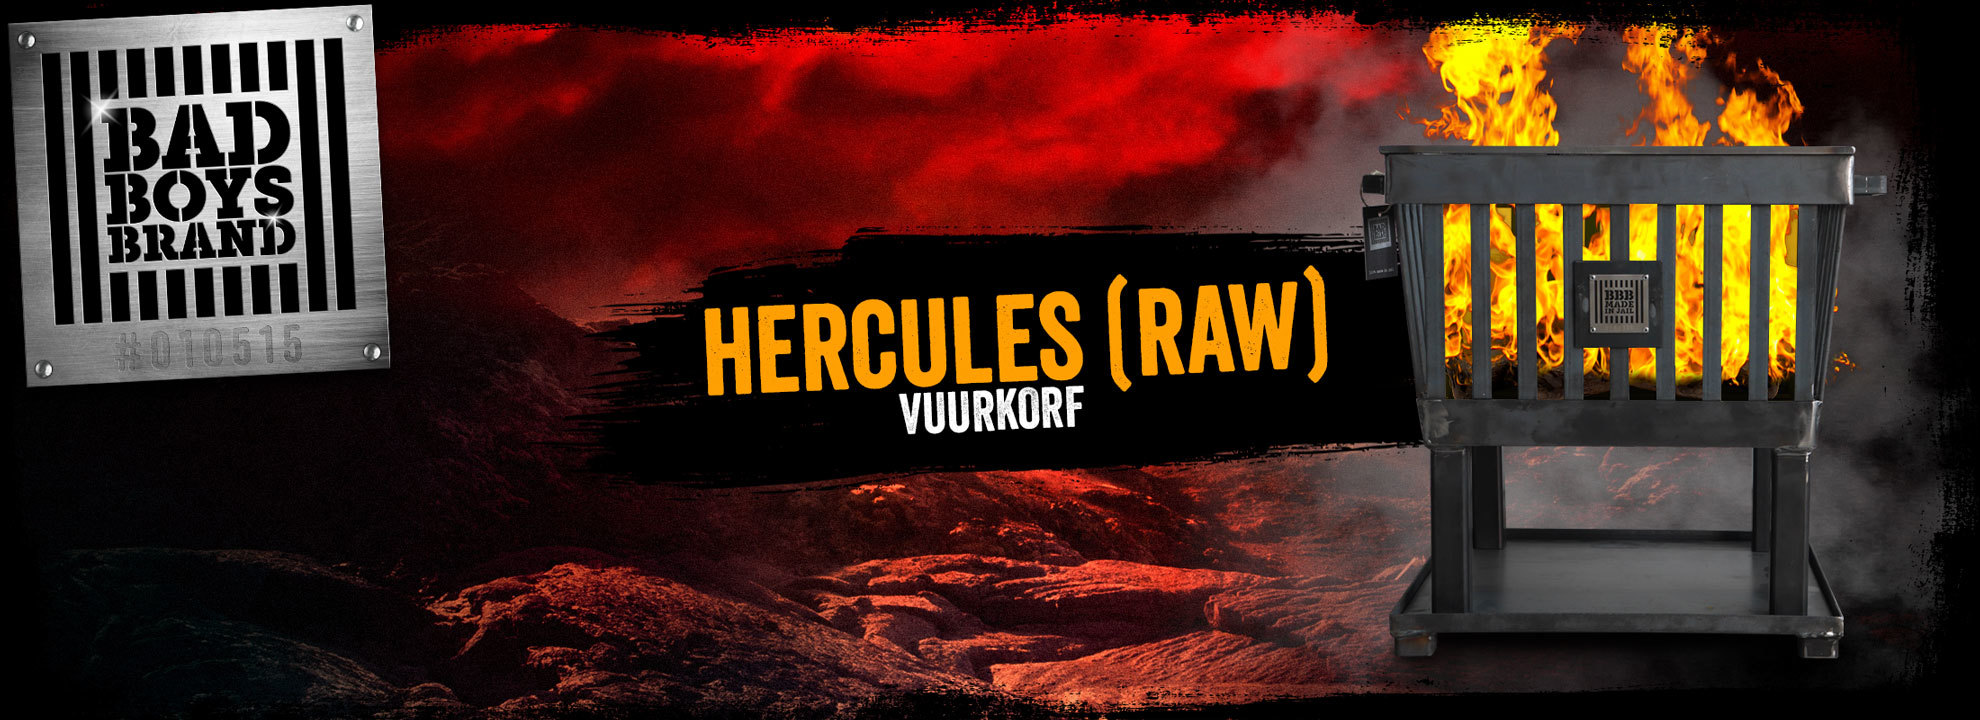 Hercules (RAW)